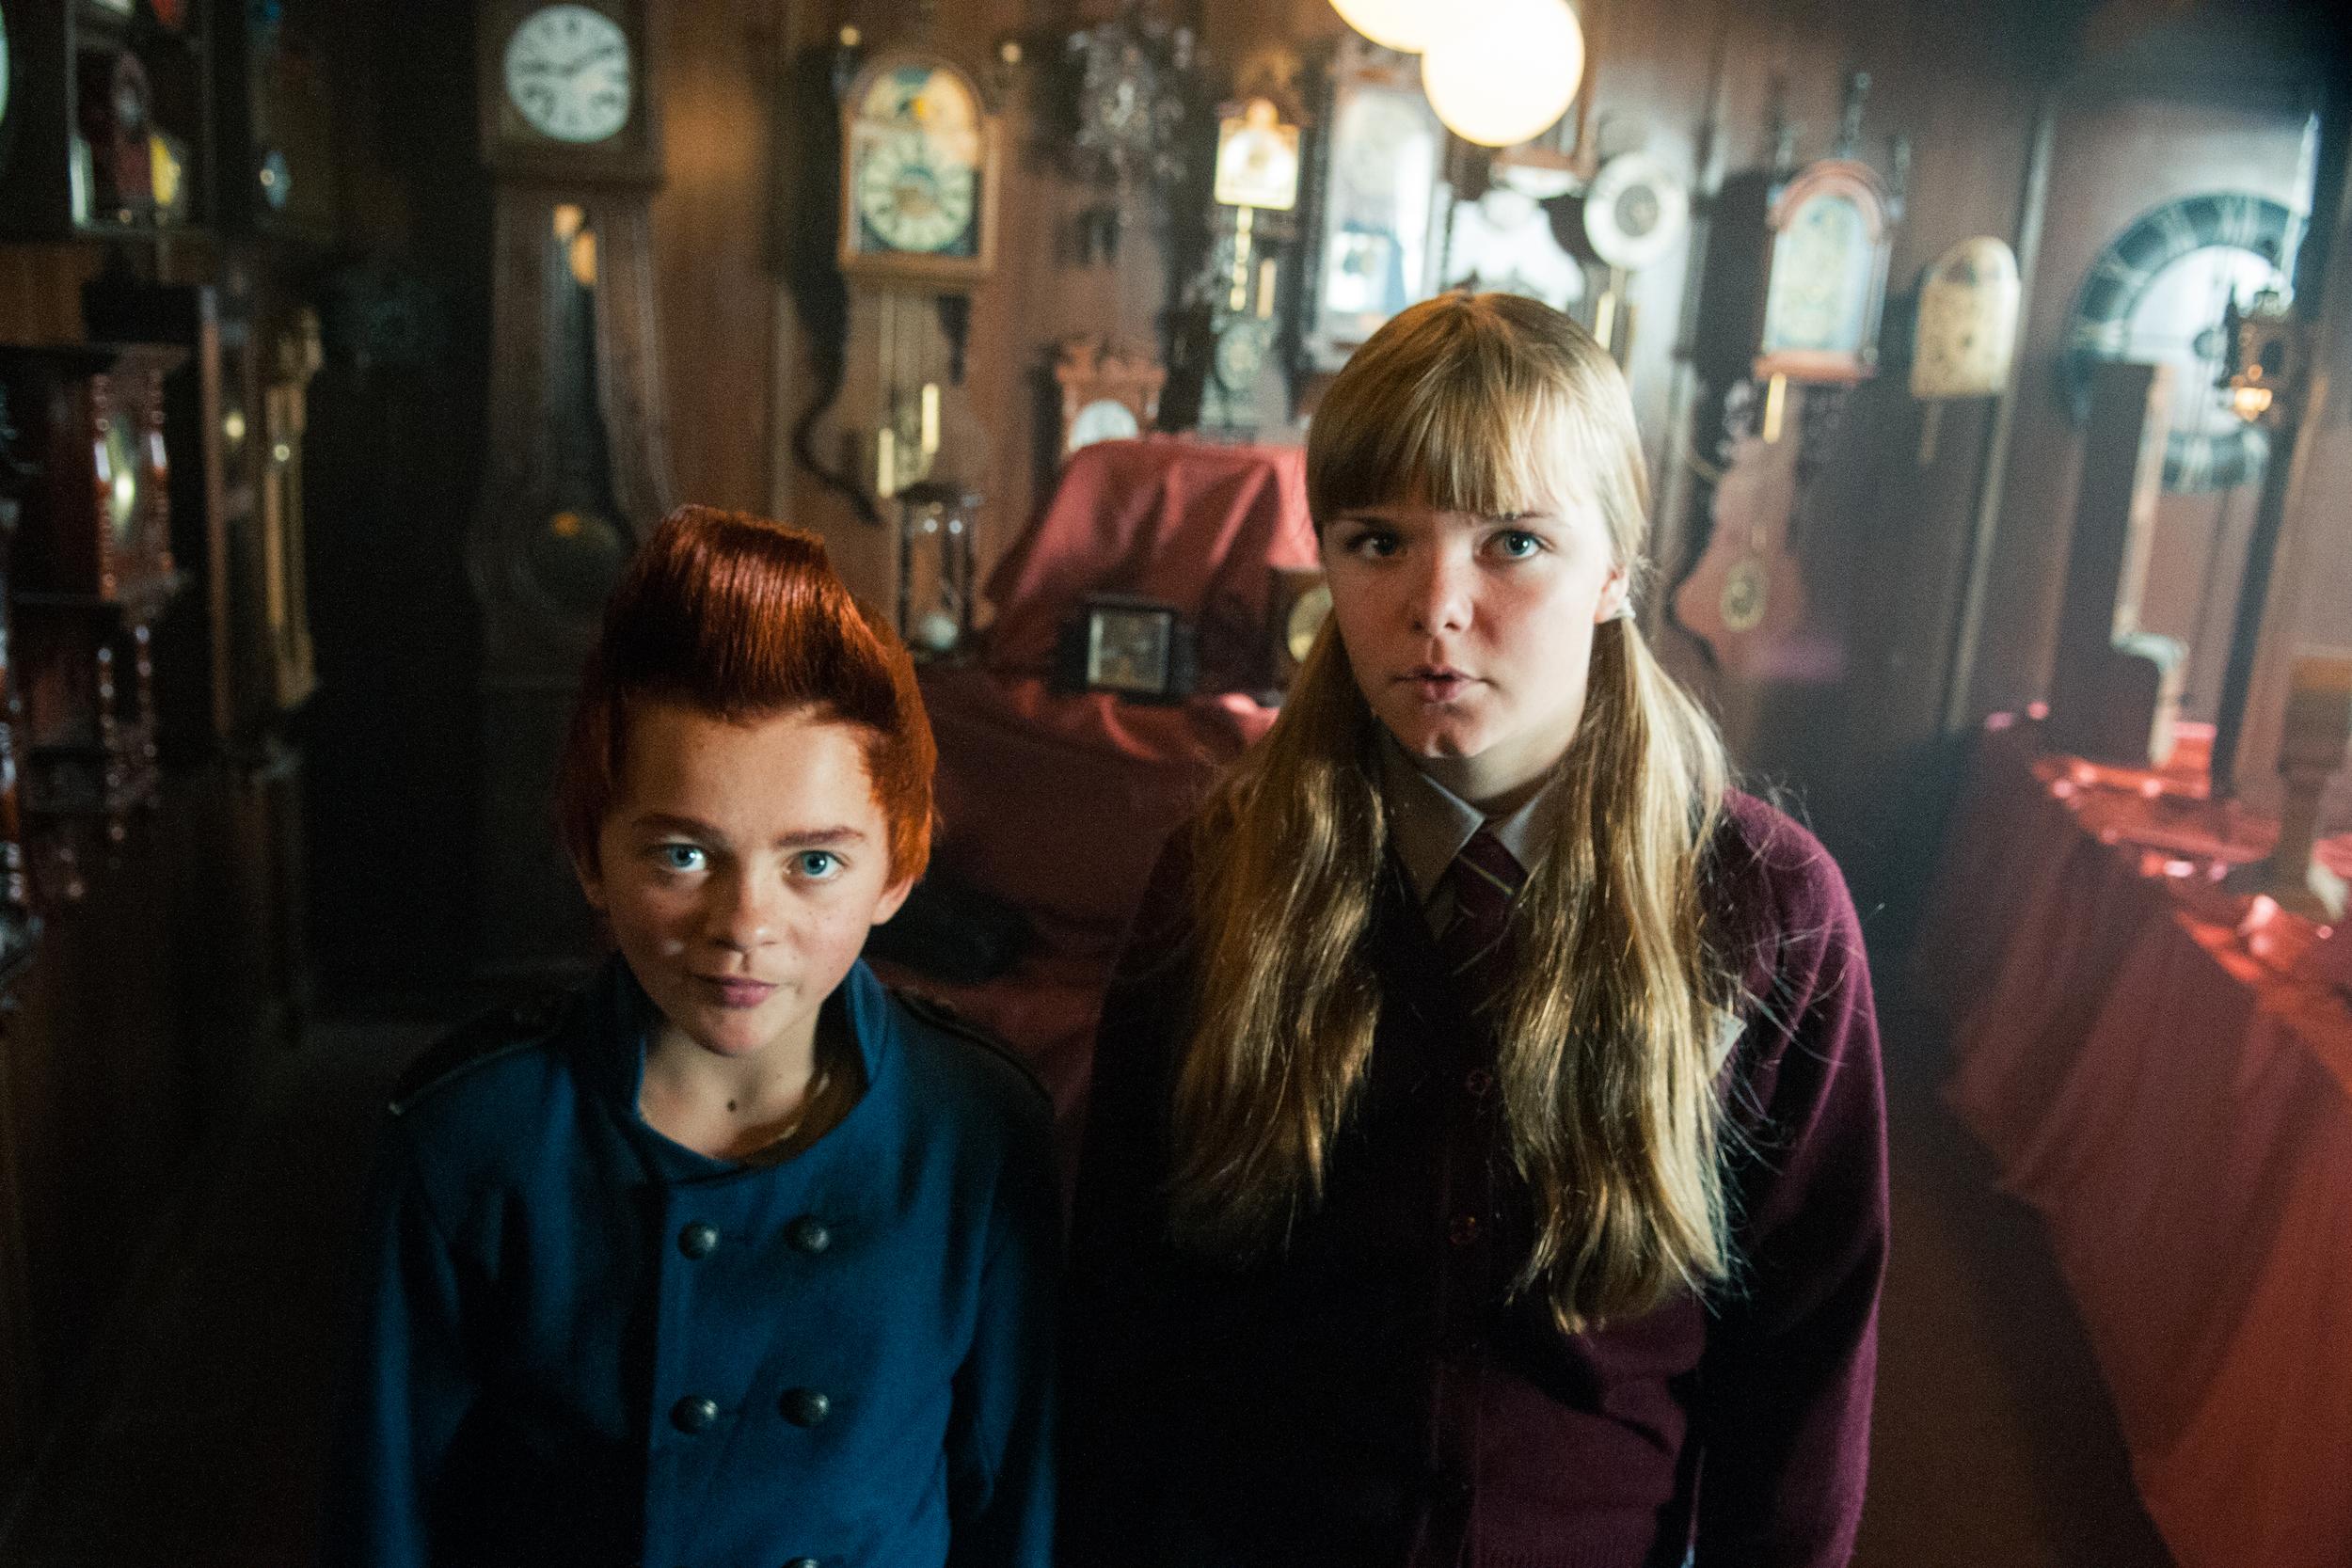 Bulle og Lise klokkebutikk_DP2_Maipo Film_Foto Kata Vermes_0106.jpg